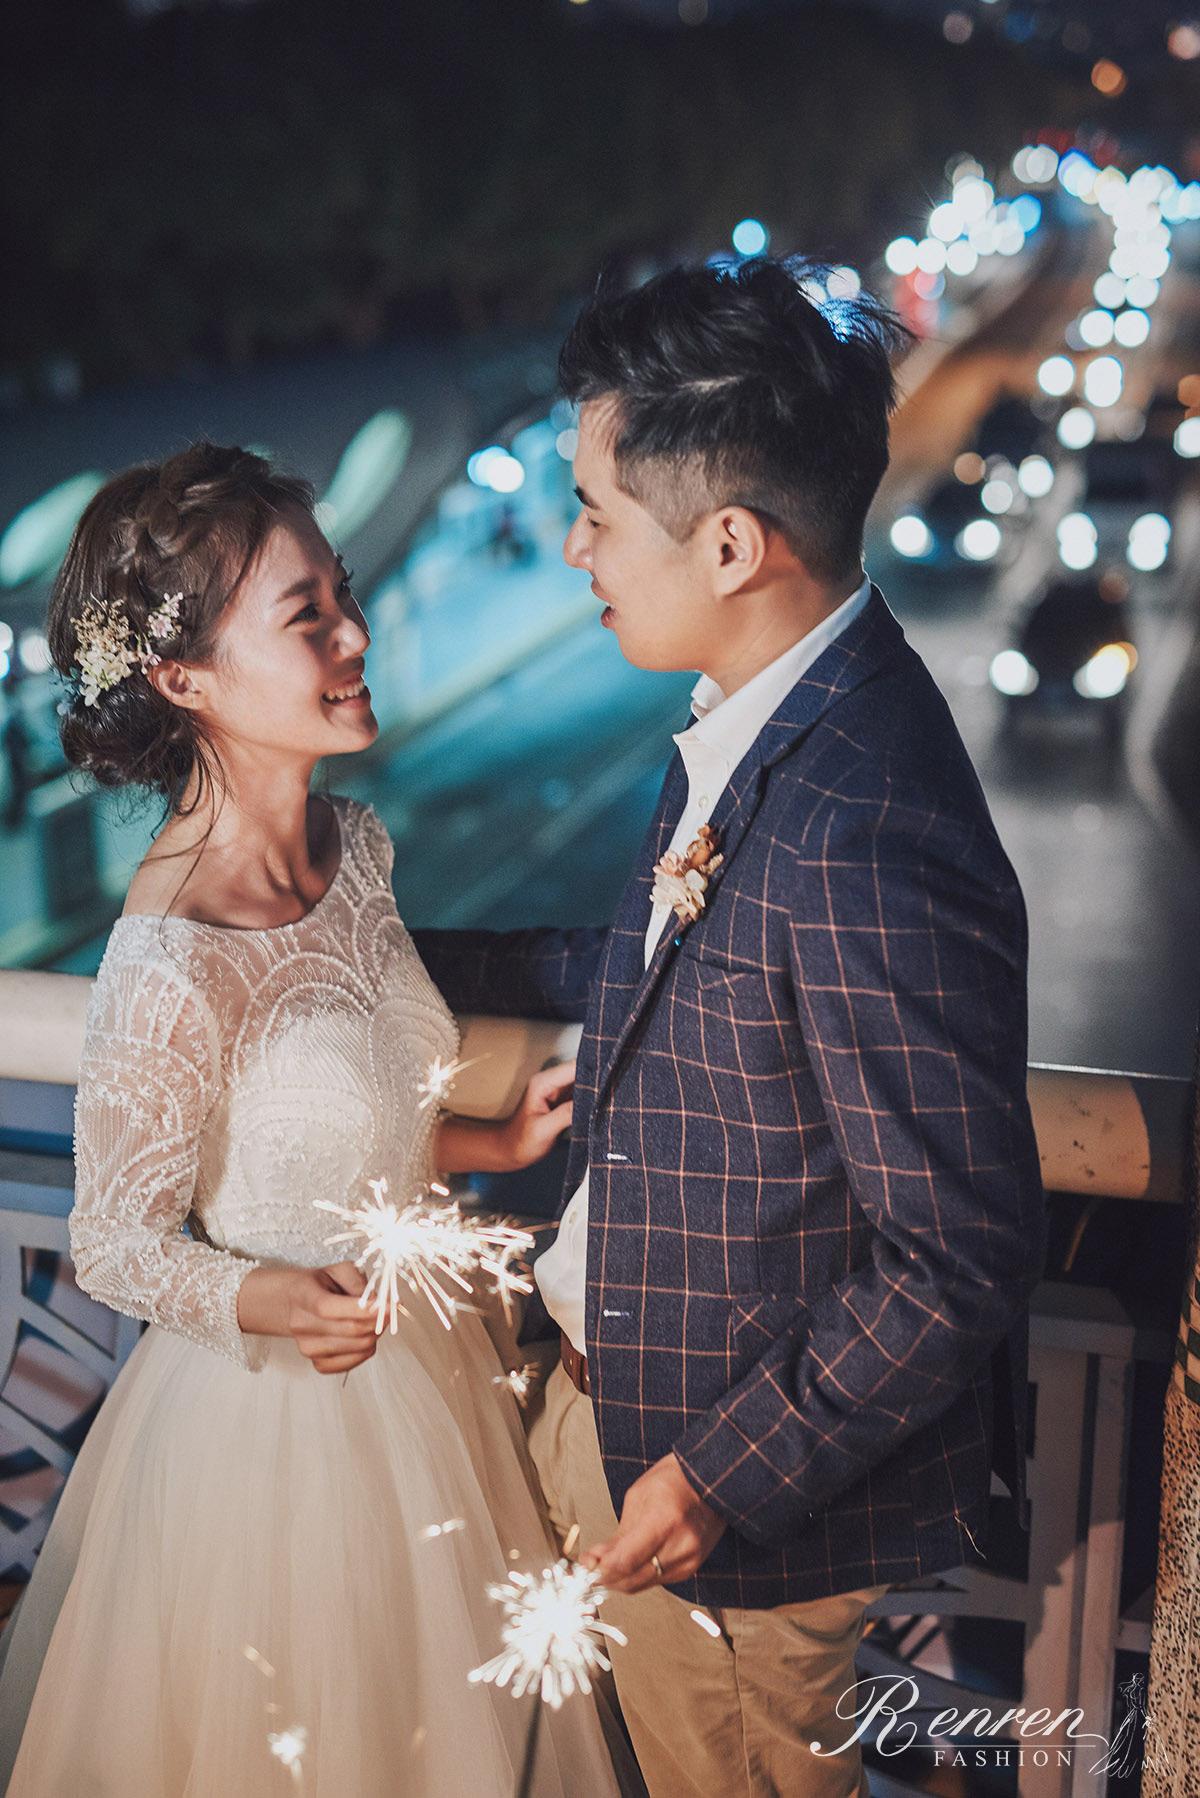 冉冉婚紗-慕朵影像-魏沐-婚紗攝影-台中-19